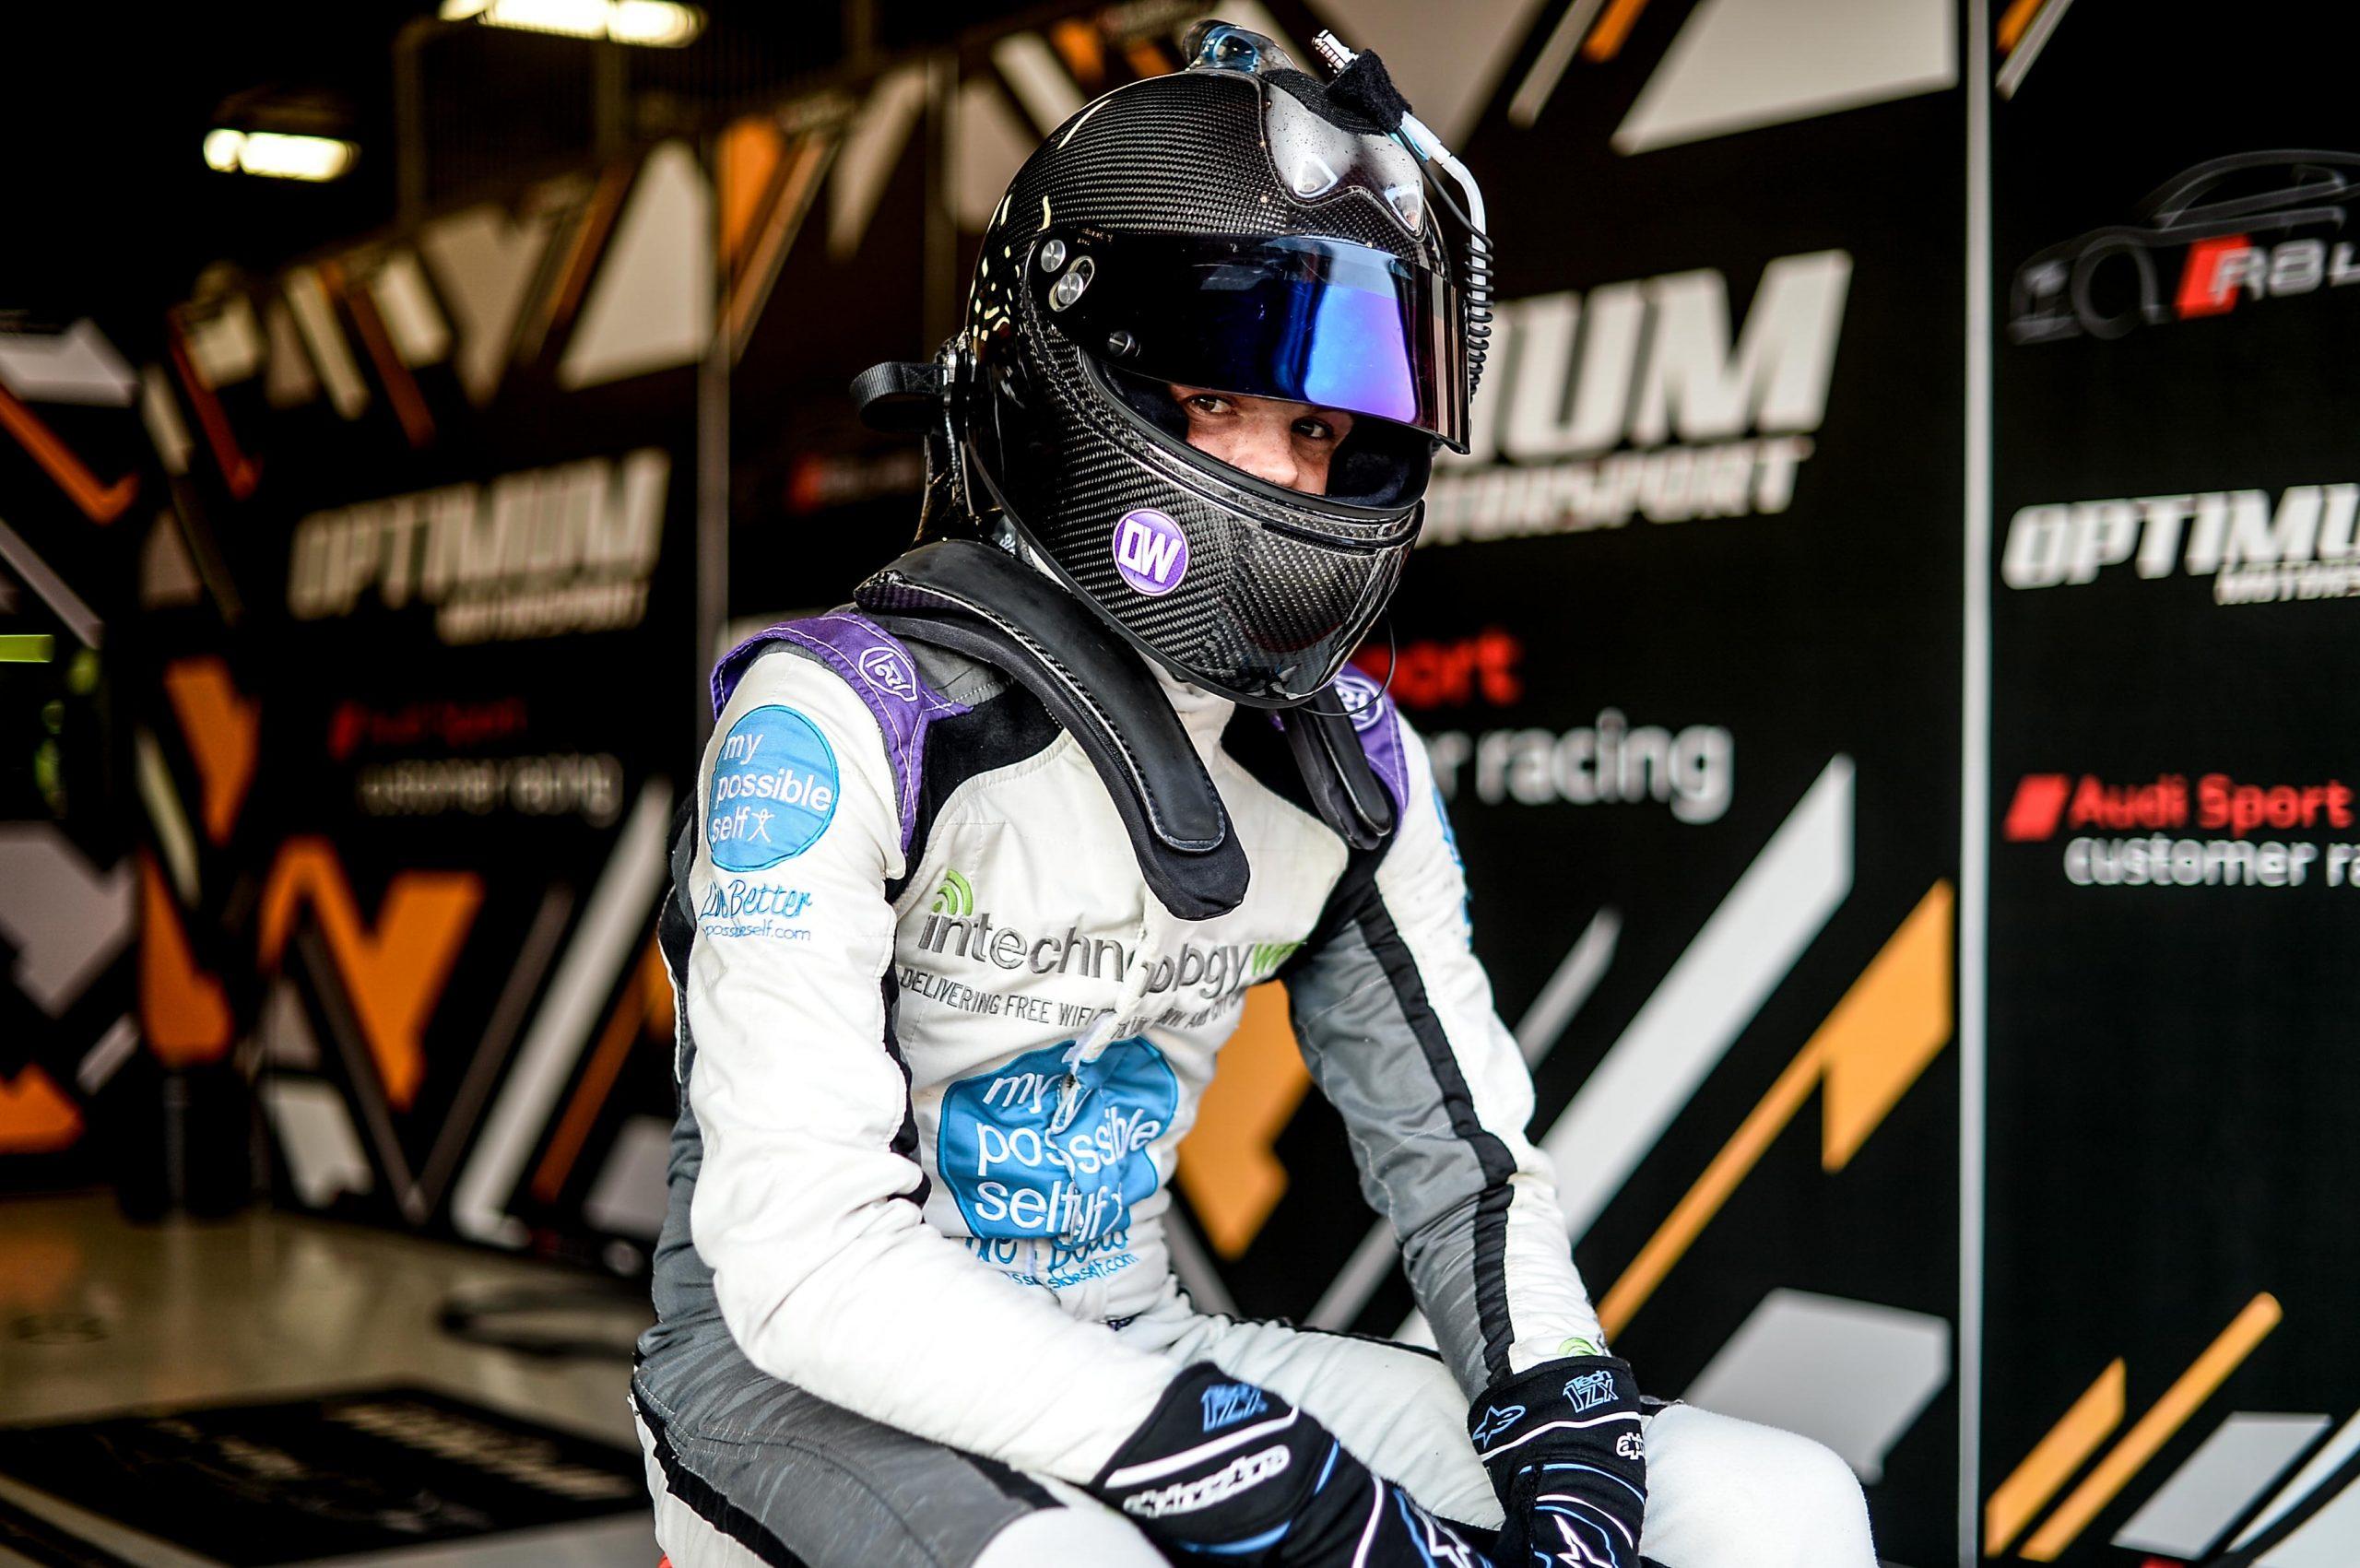 2017 – Portimao 24 Hours – Optimum Motorsport, Ginetta G55